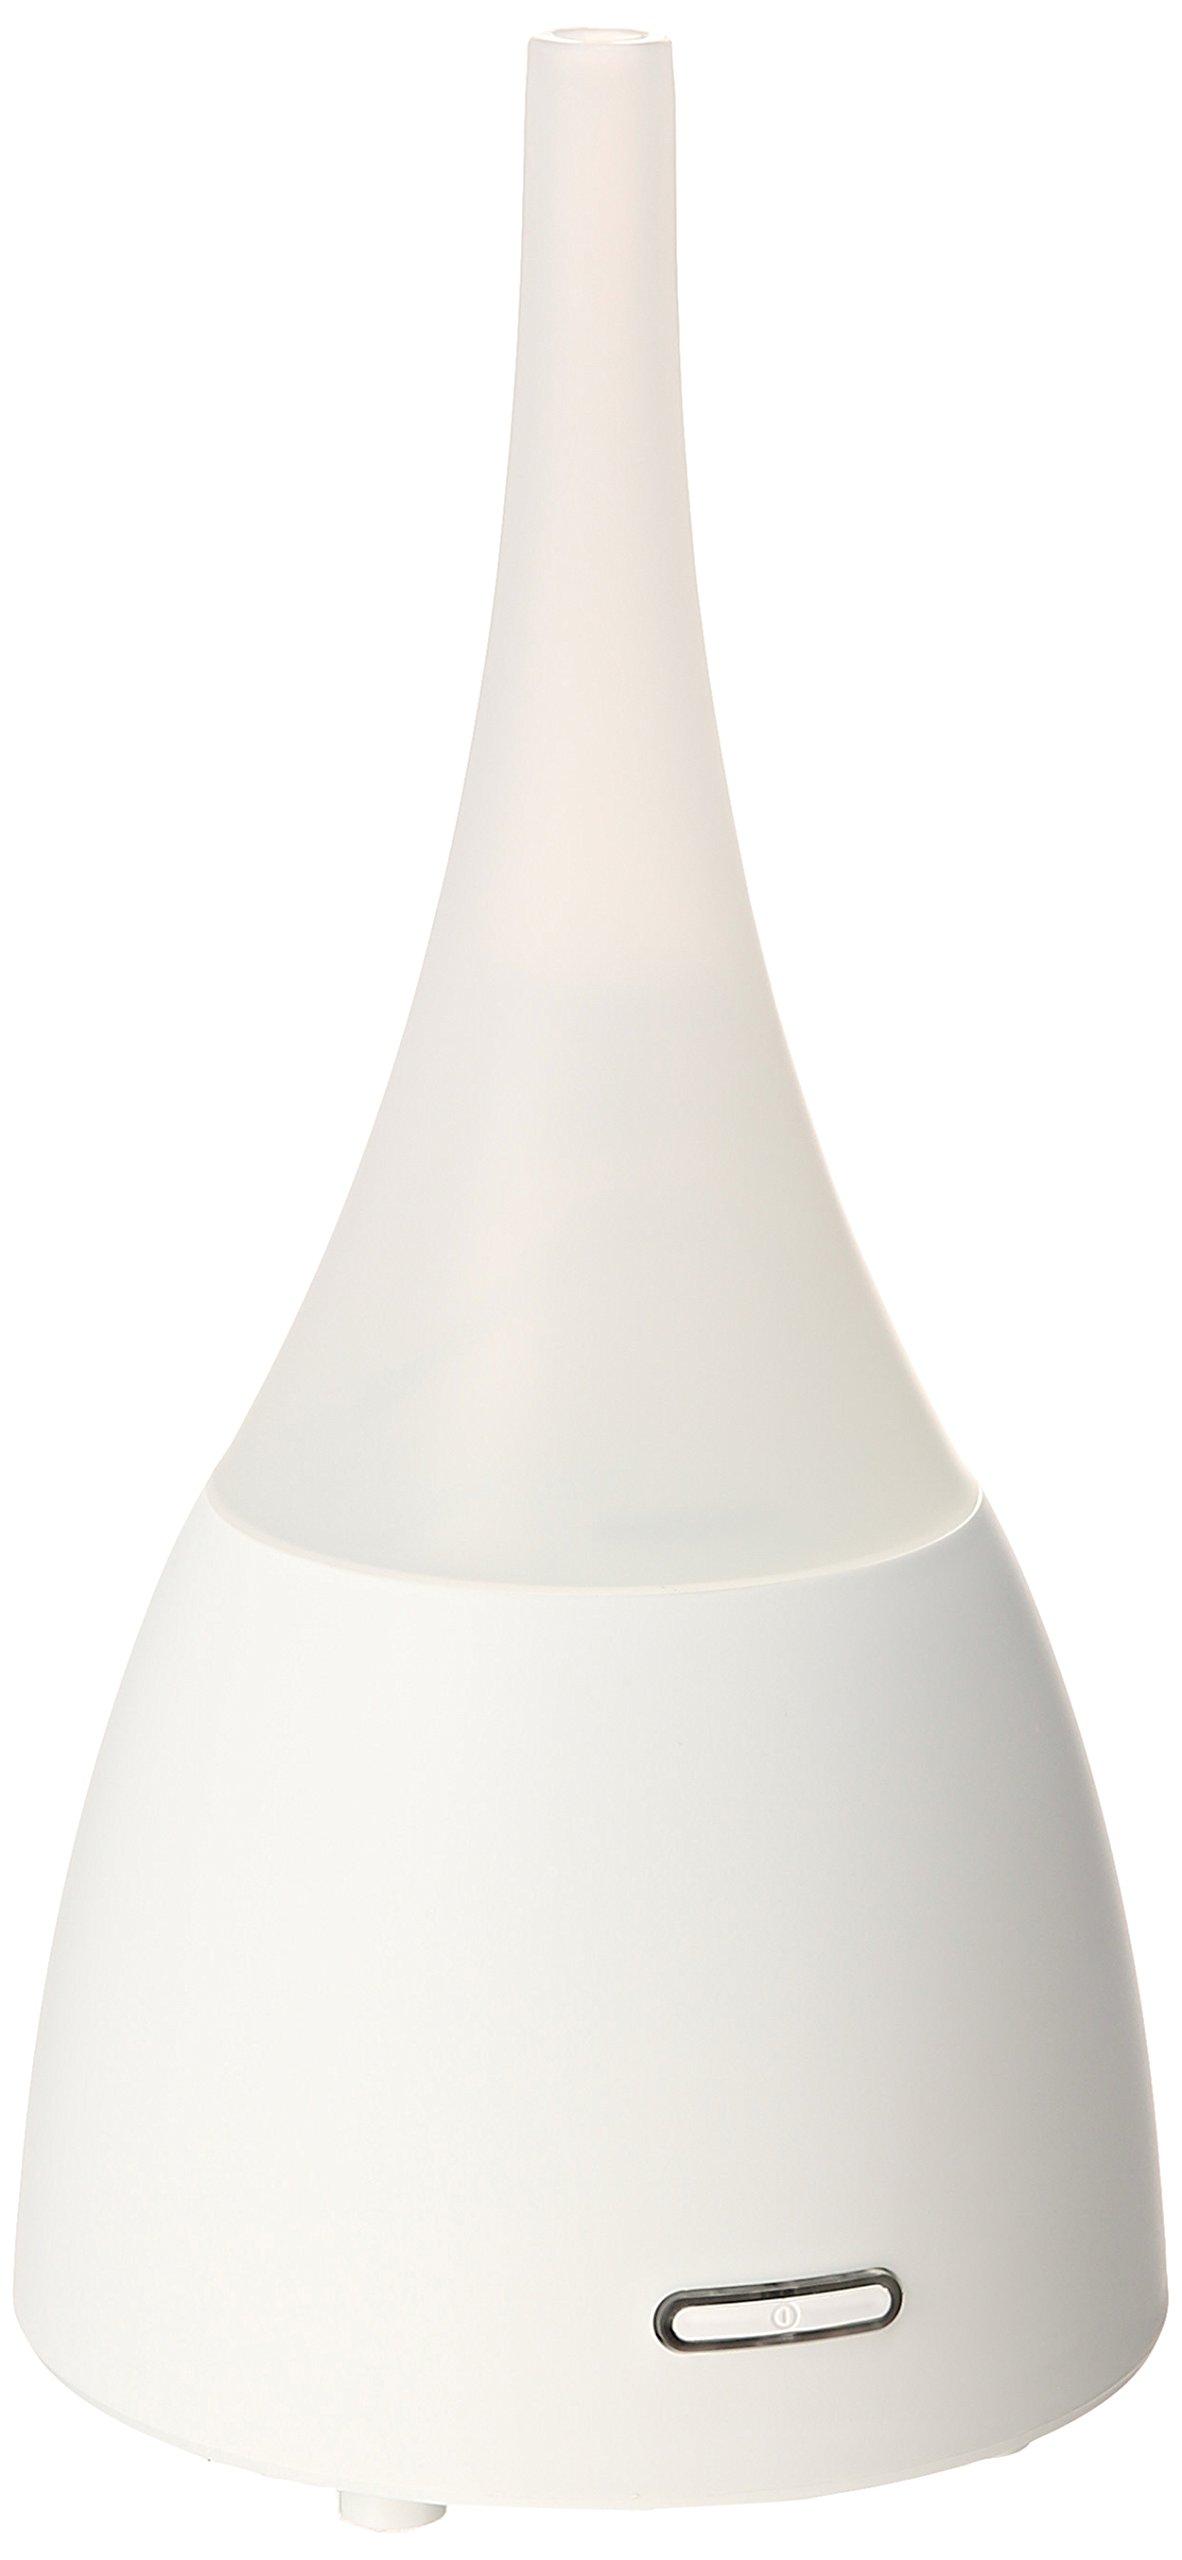 Amazon.com : ZAQ Allay Aroma Essential Oil Diffuser